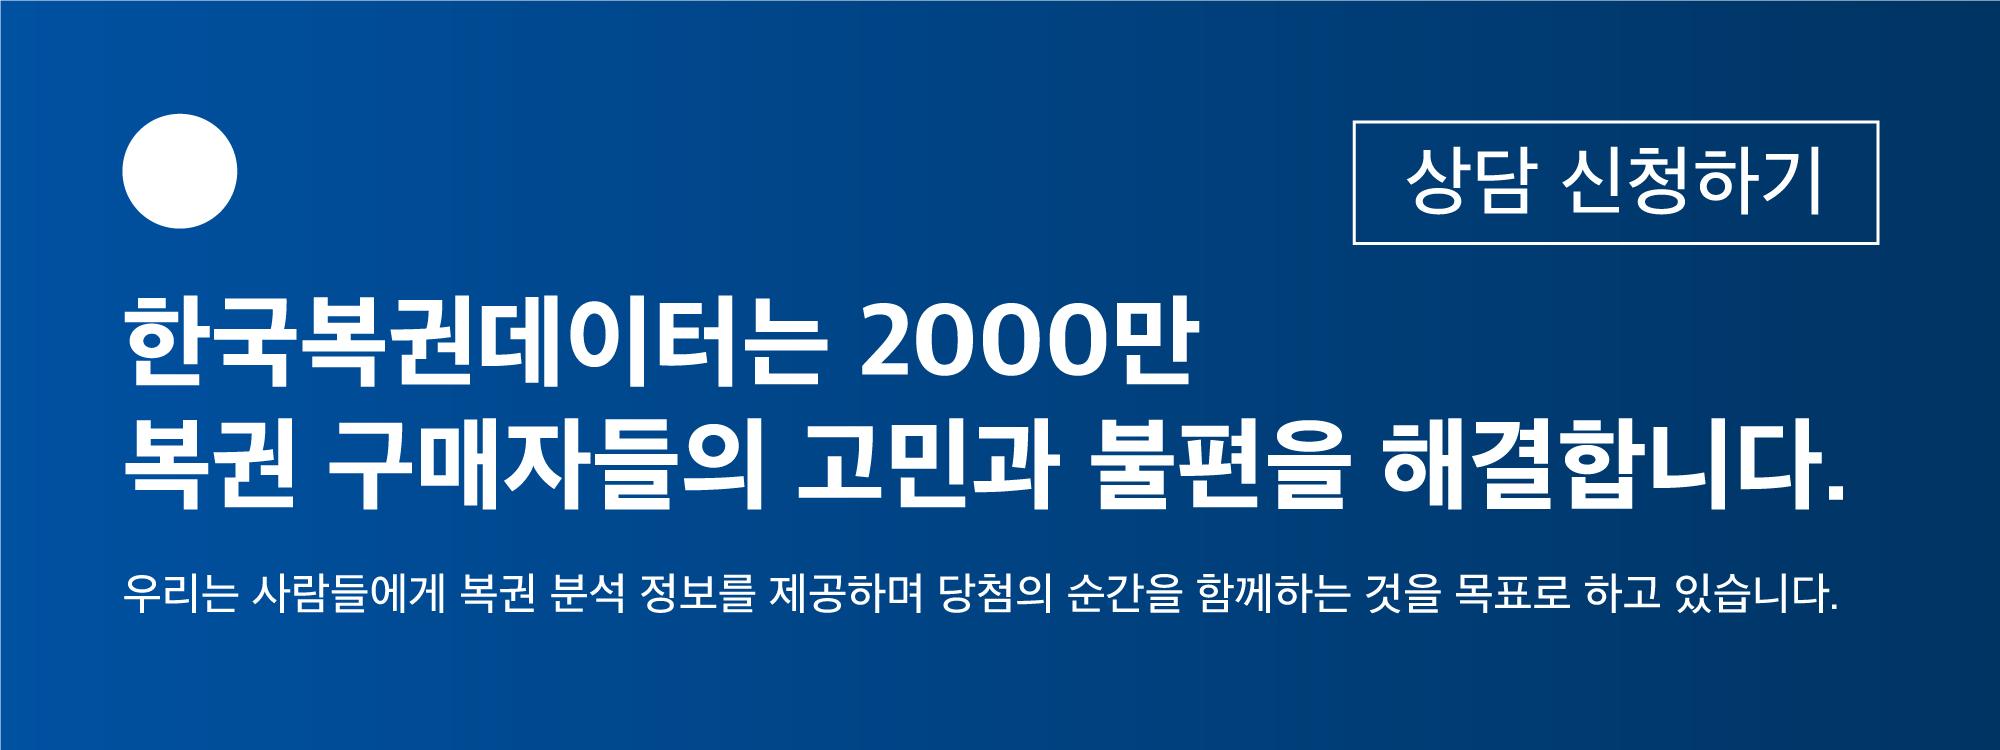 한국복권데이터 상담신청